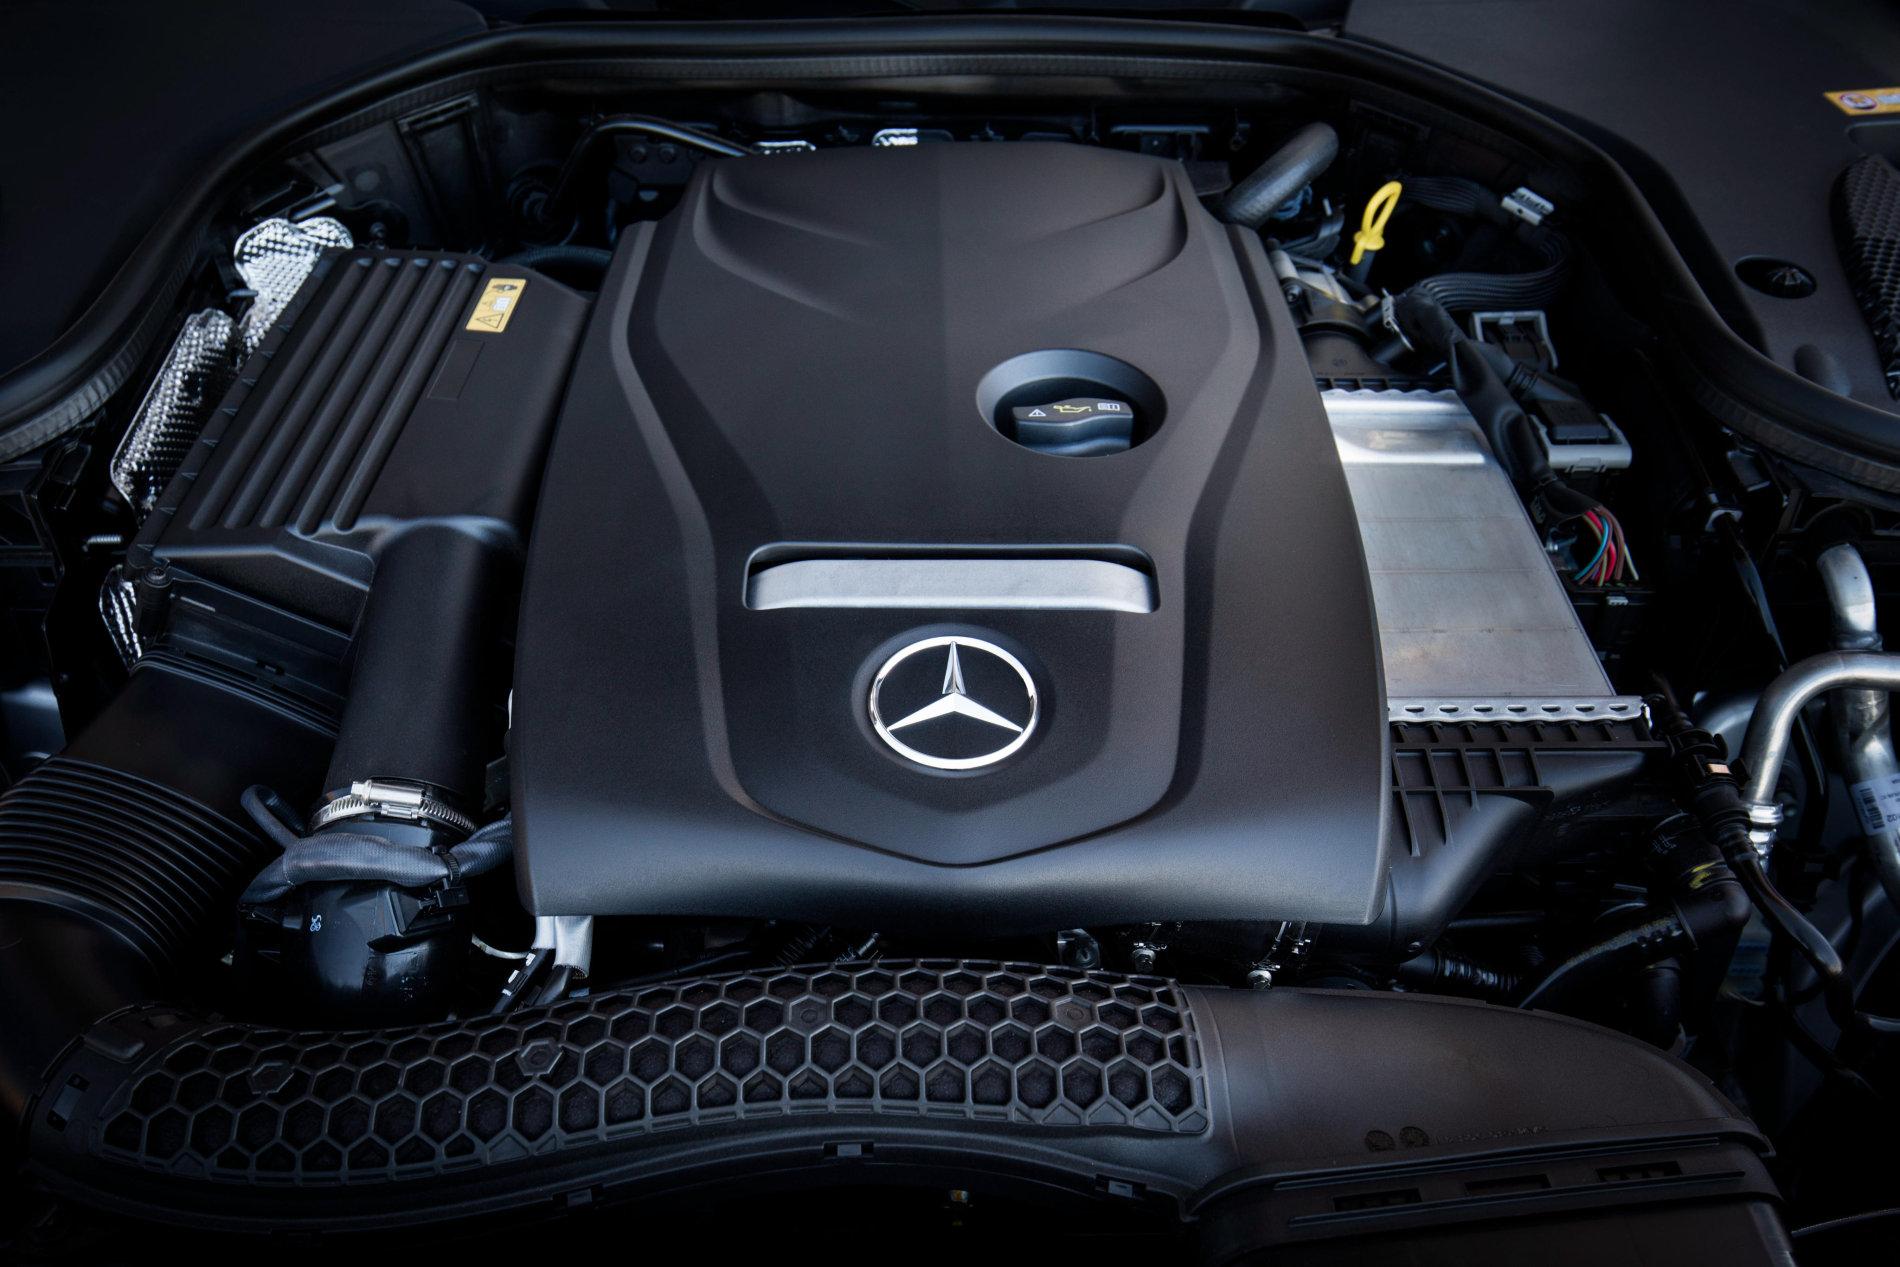 Motoare diesel VW, BMW, Mercedes, Opel - Motoare diesel VW, BMW, Mercedes, Opel